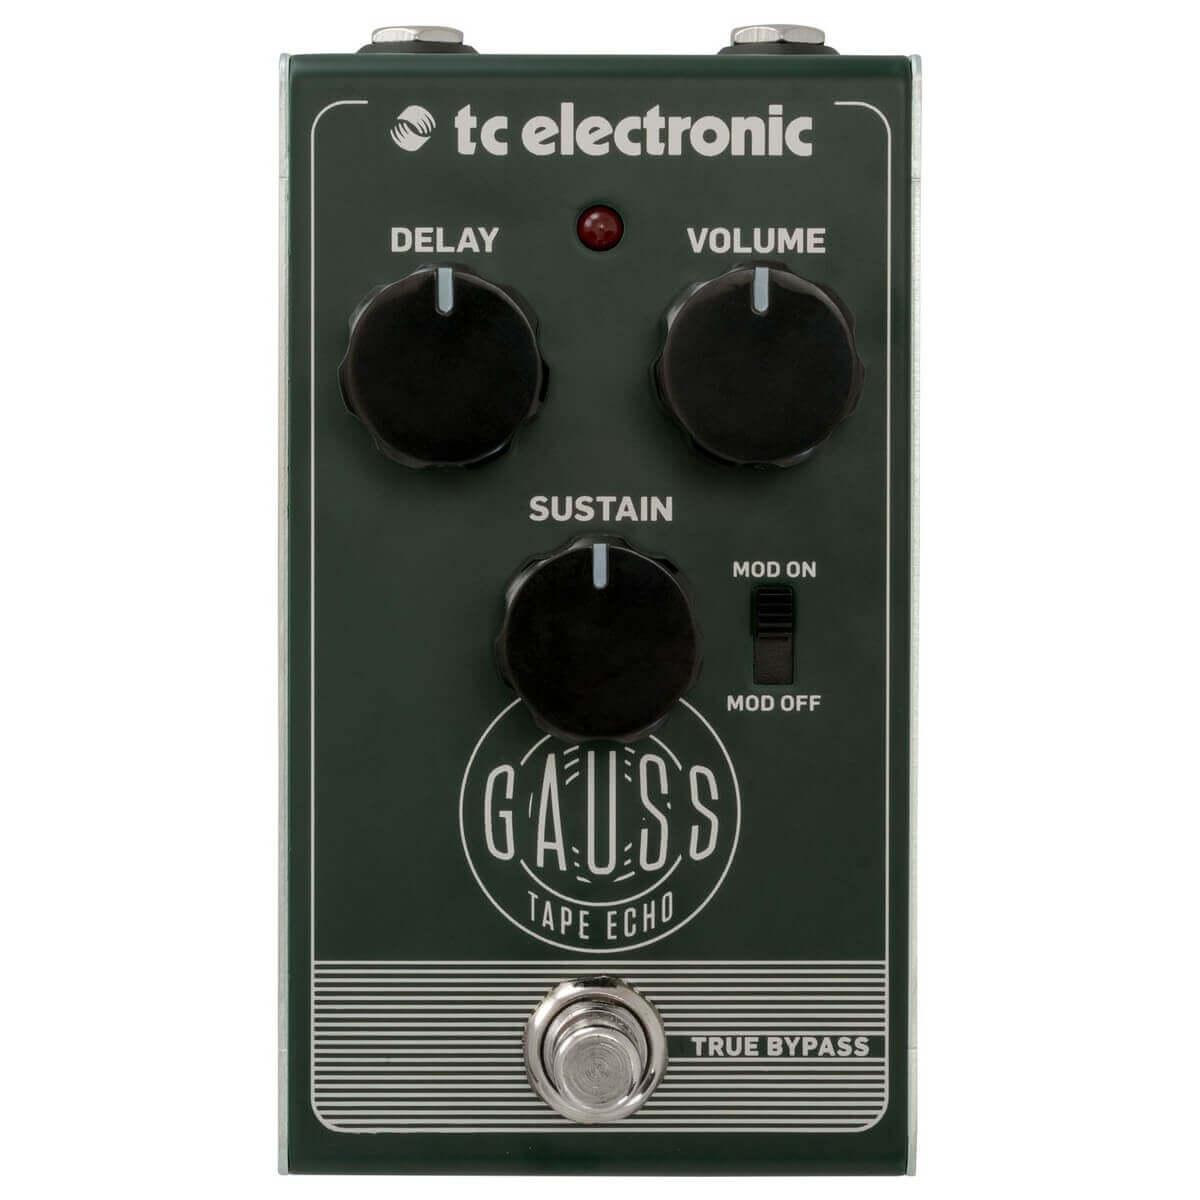 Billede af TC Electronic Gauss Tape Echo guitar-effekt-pedal